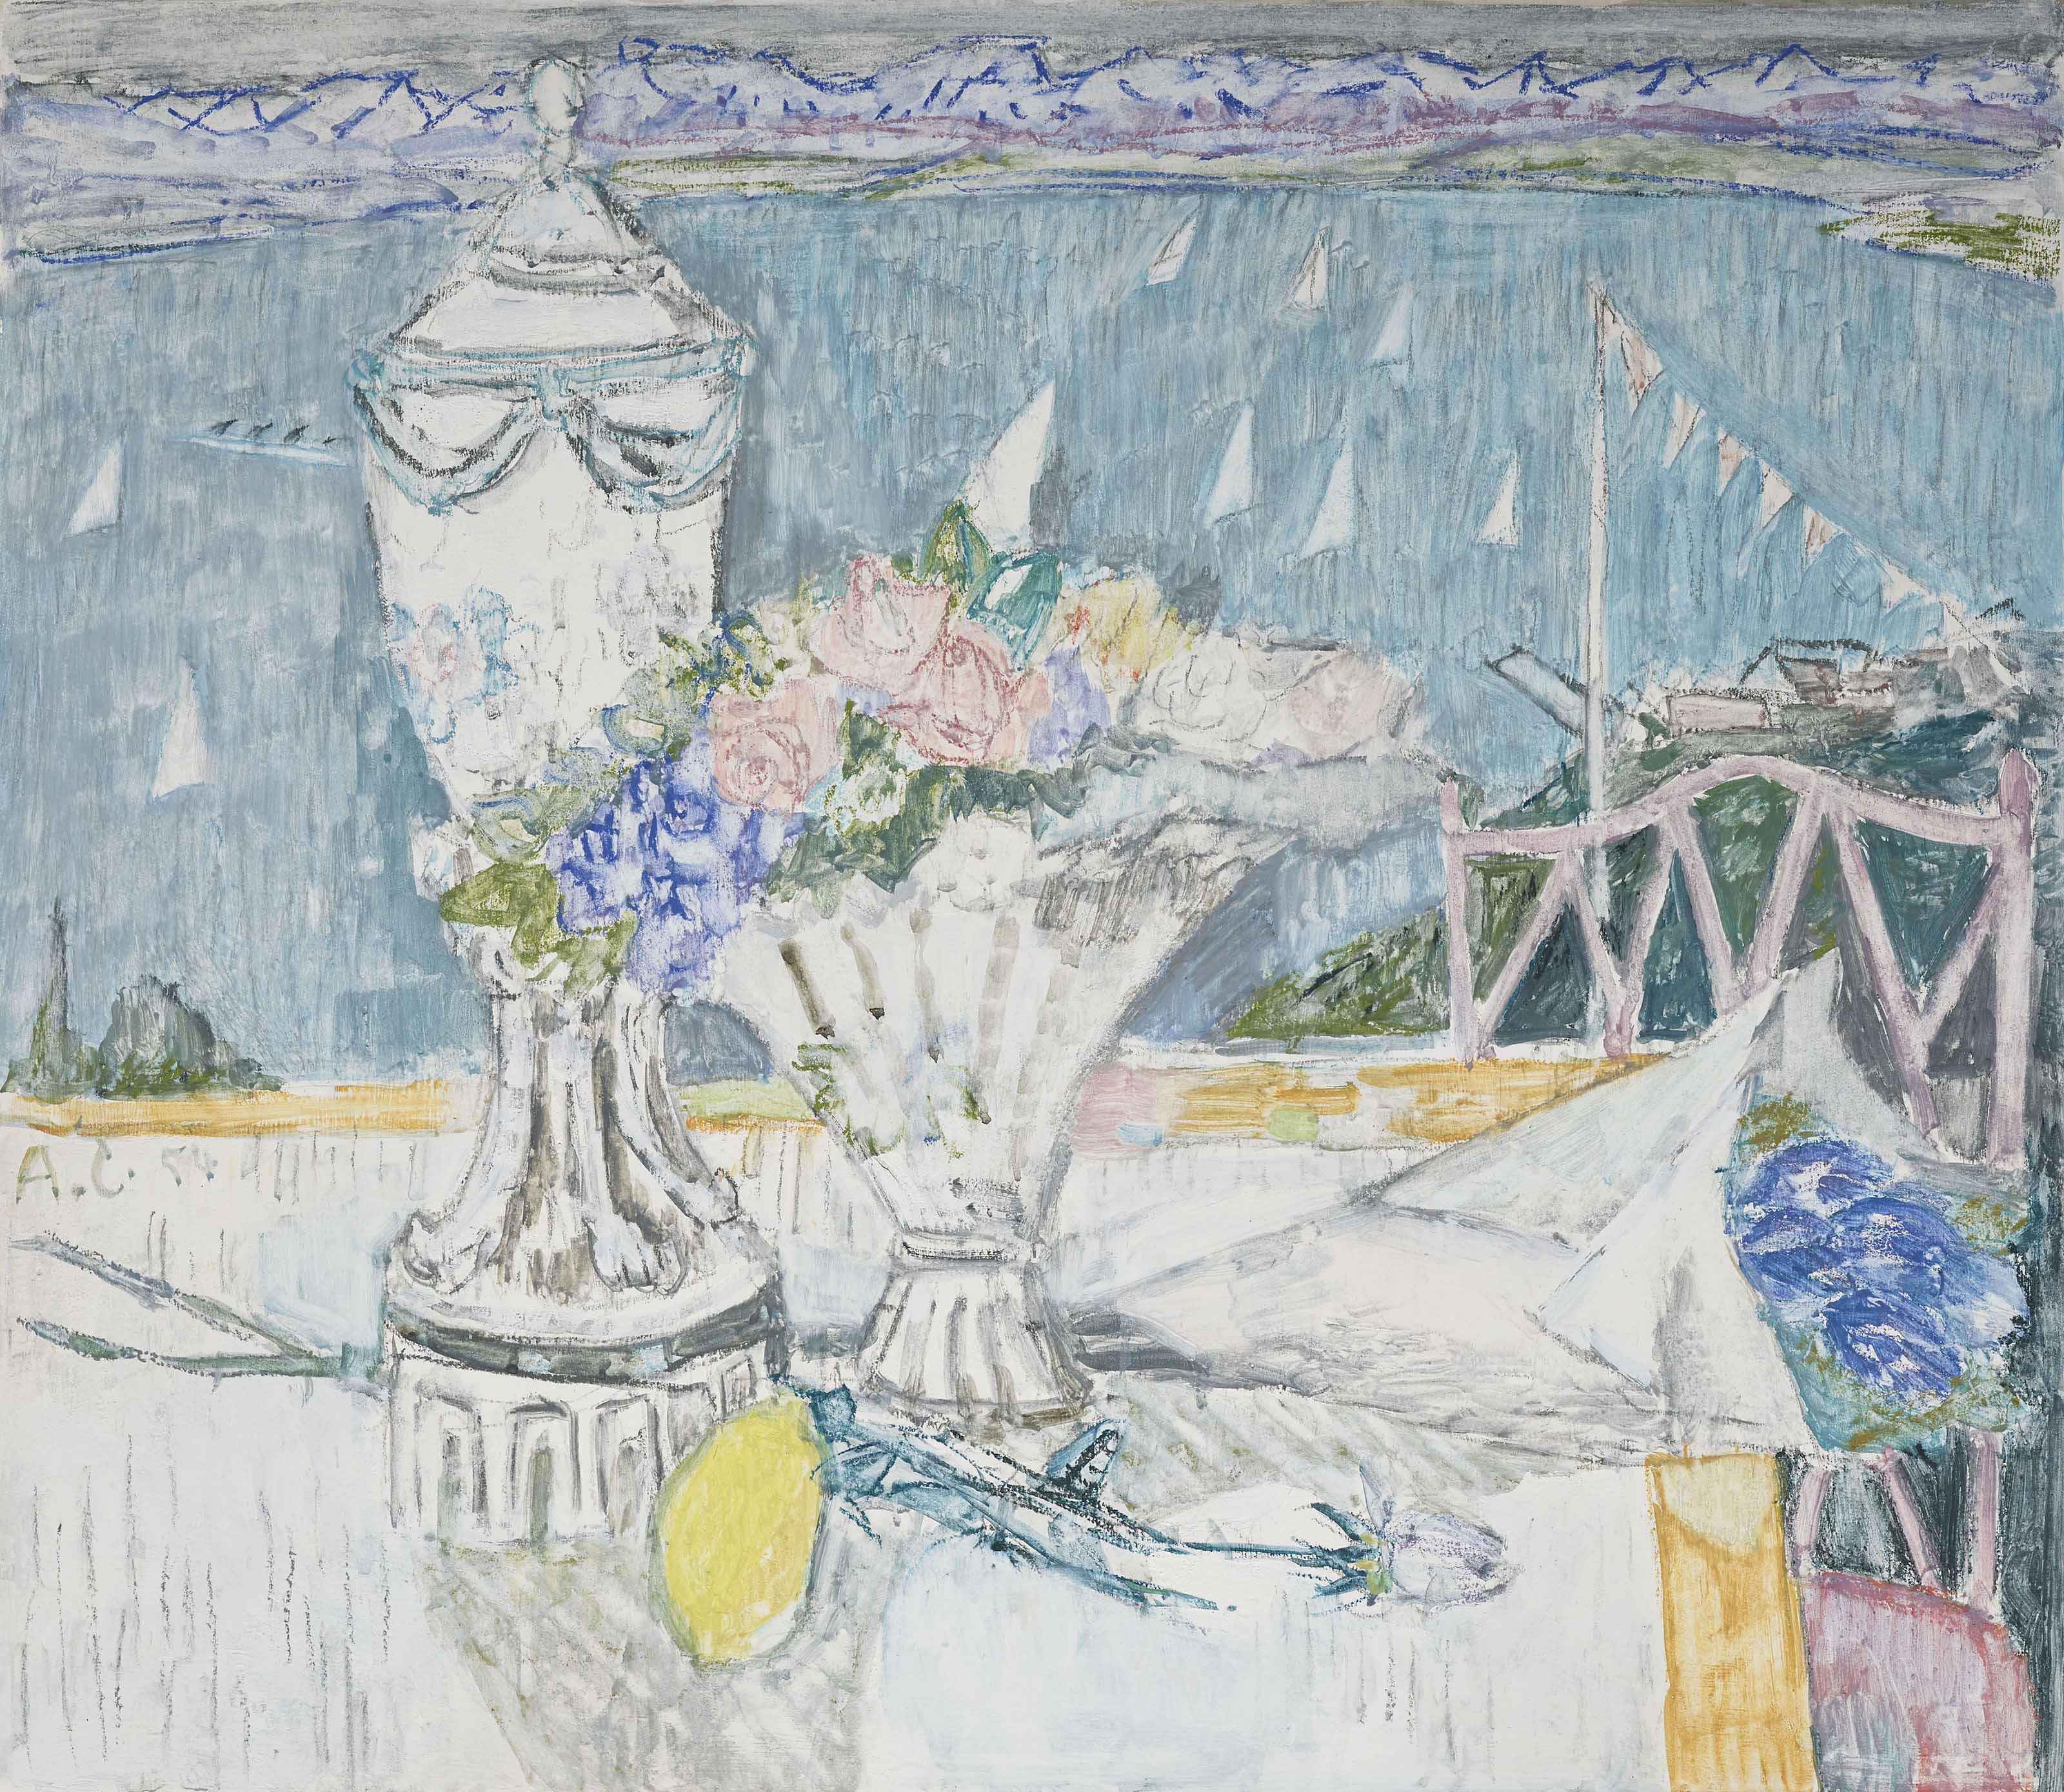 Stillleben mit Pokal und Blumenvase vor Ausblick auf den Zürichsee, 1954